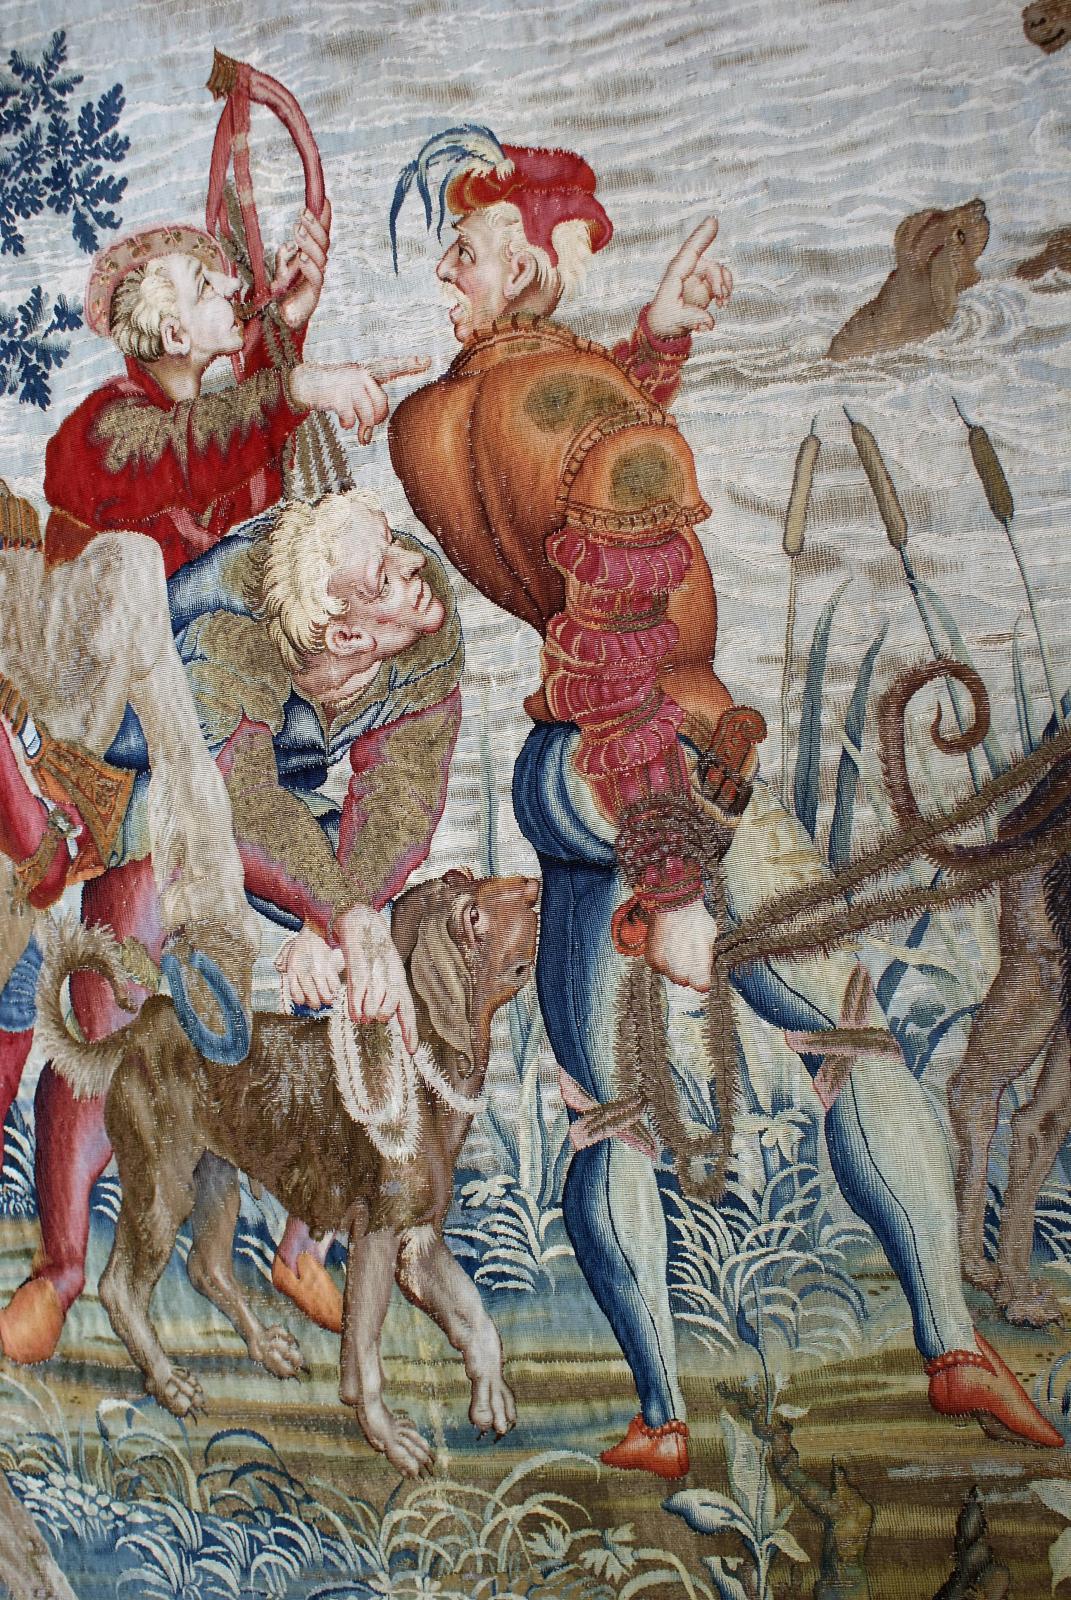 Le mois de septembre (détail), tenture dite des «Chasses de Maximilien», réédition tissée à la manufacture royale des Gobelins entre 1665 et 1673 pour